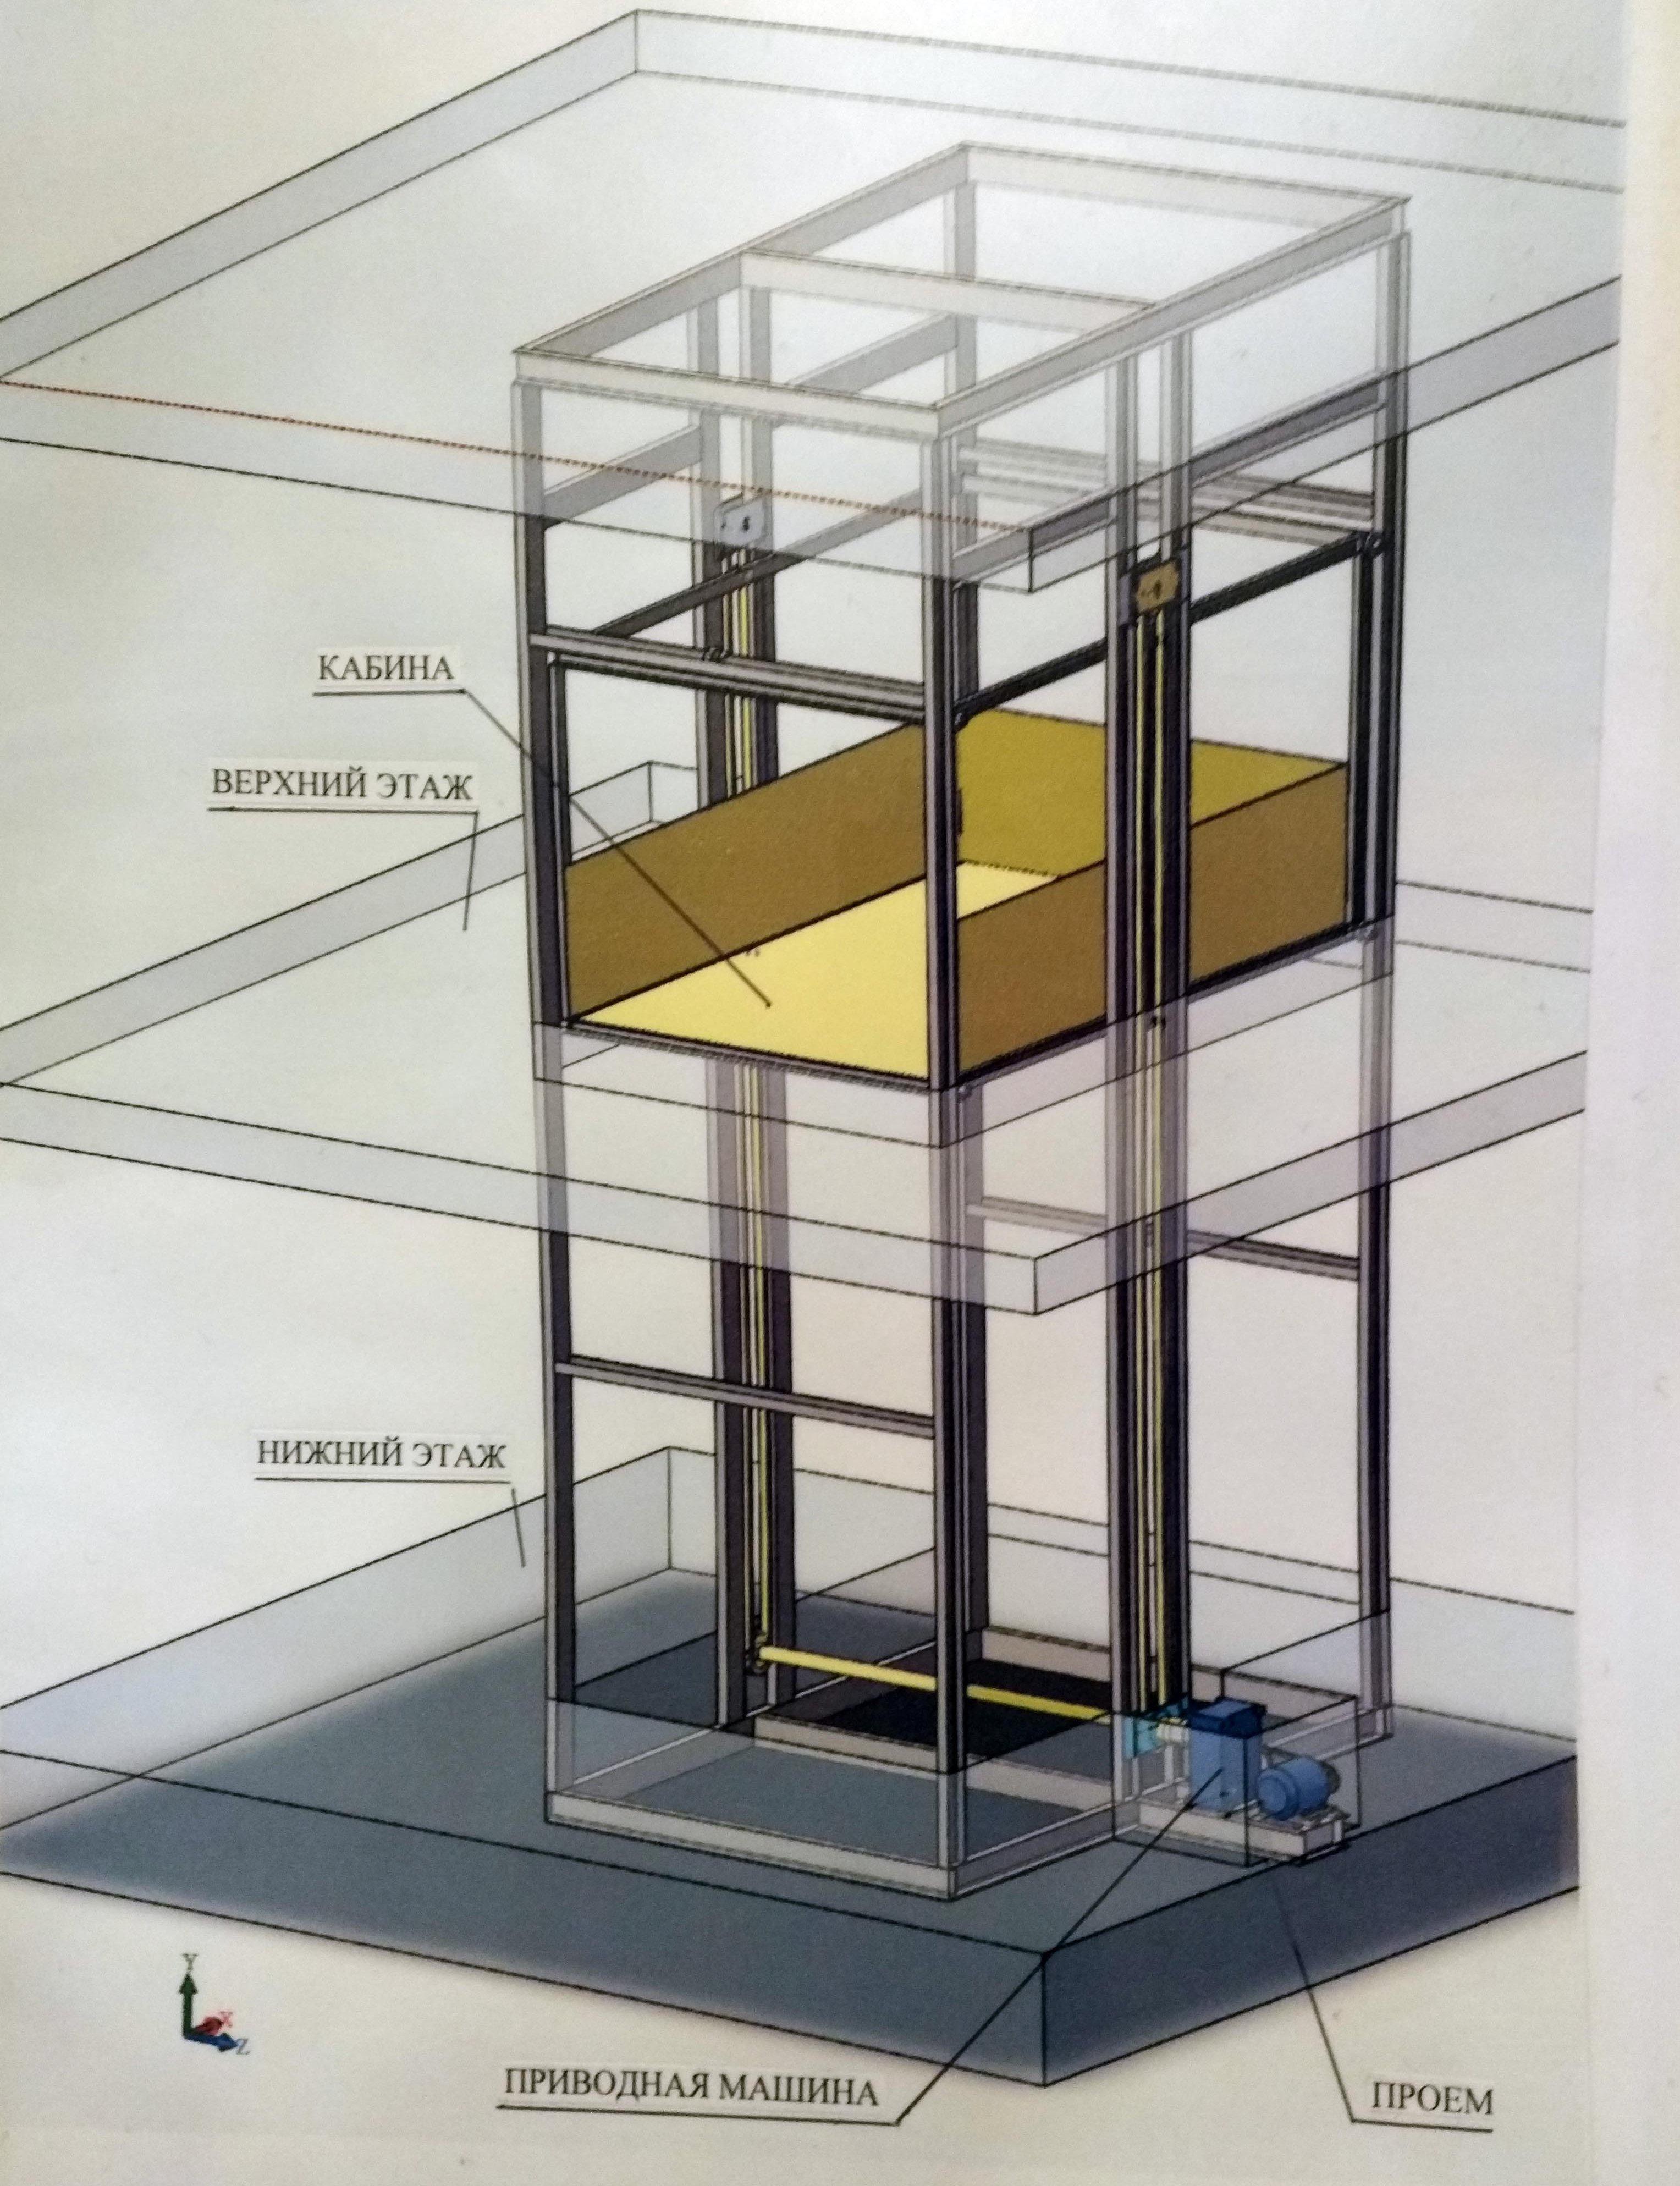 Эскиз грузового лифта от Искендера Тойтонова